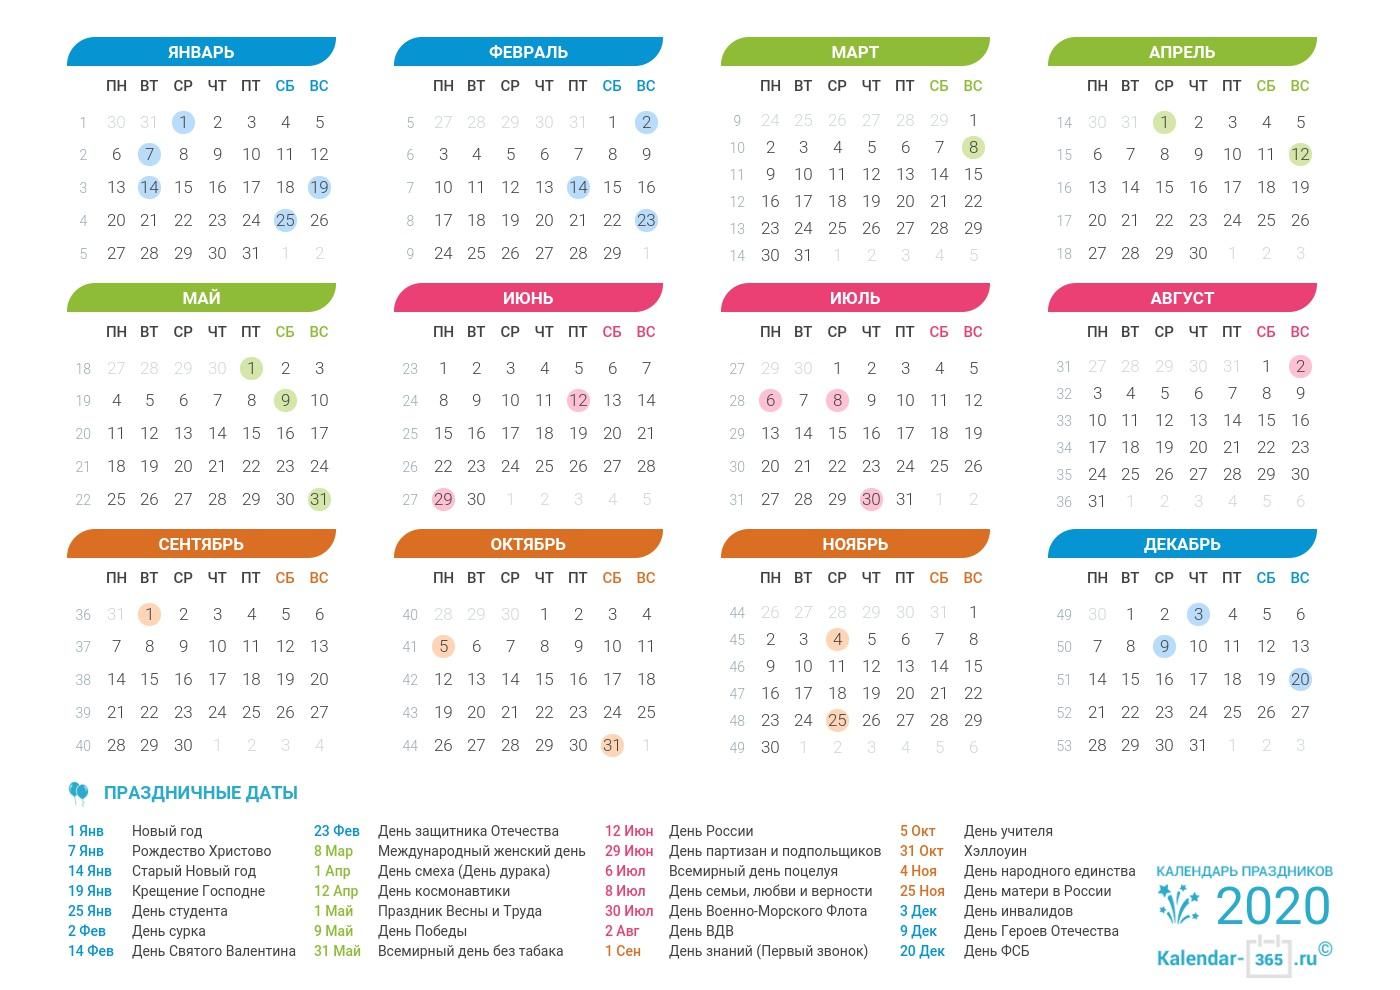 12 Мая: Все Праздники 12 Мая 2020 Года regarding Maya Calendar 2020